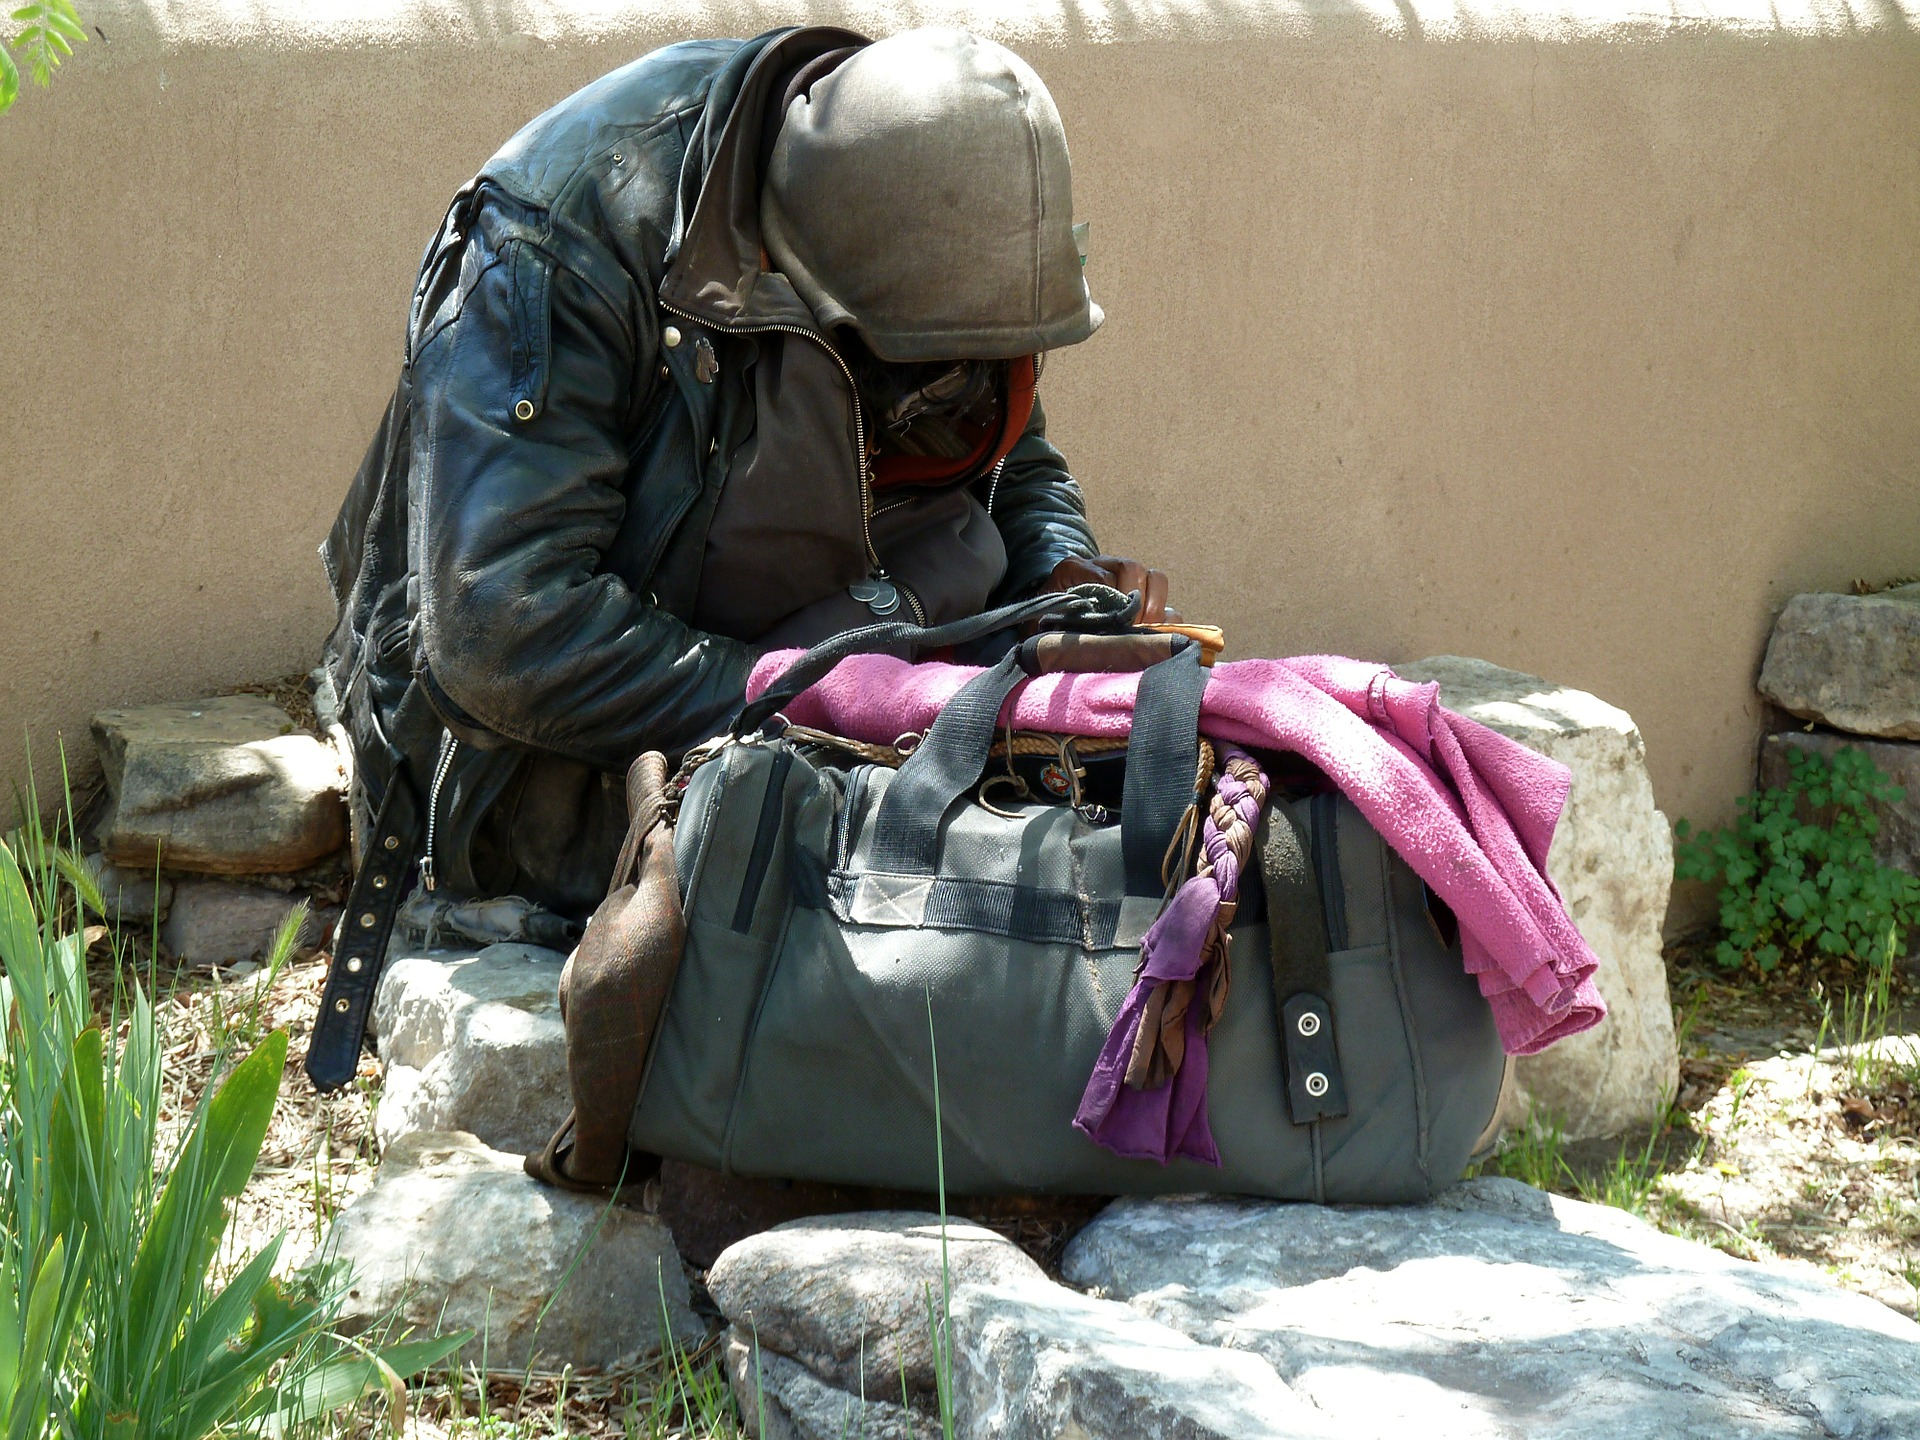 別人向你借錢時,該怎麼應對才可以幫助對方又不失禮貌呢?